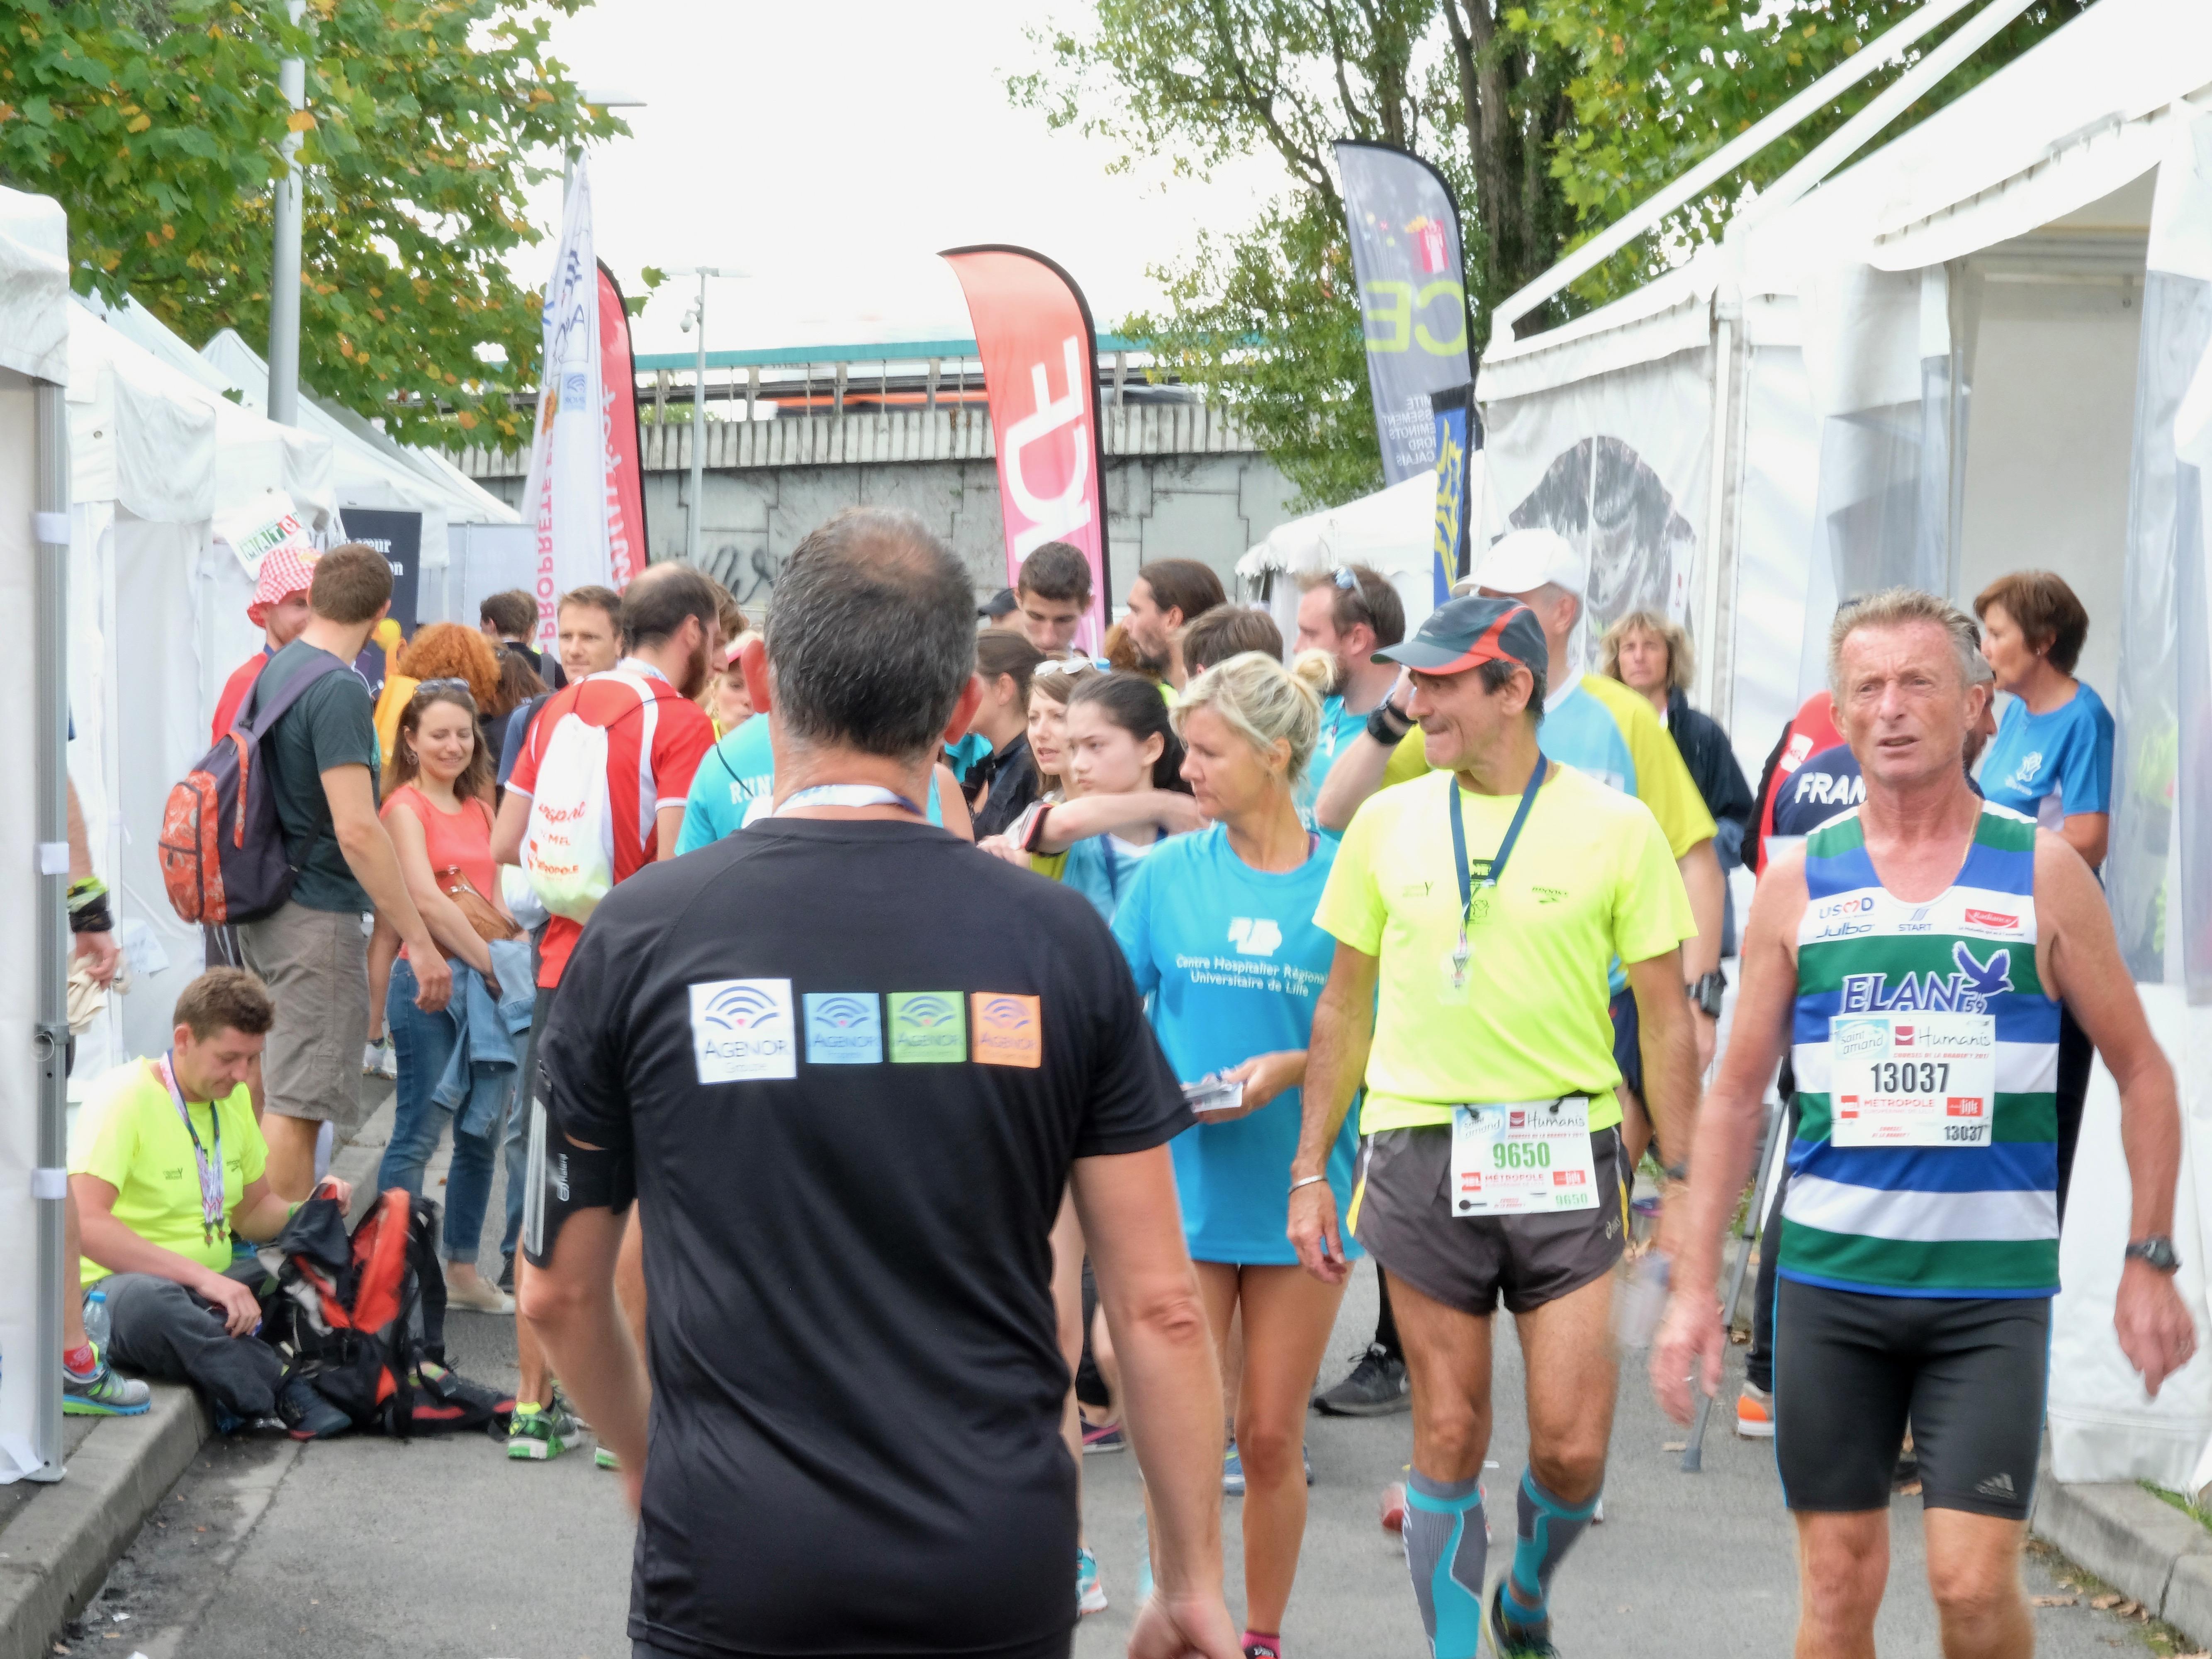 Agenor Partenaire braderie de Lille semi marathon 2017